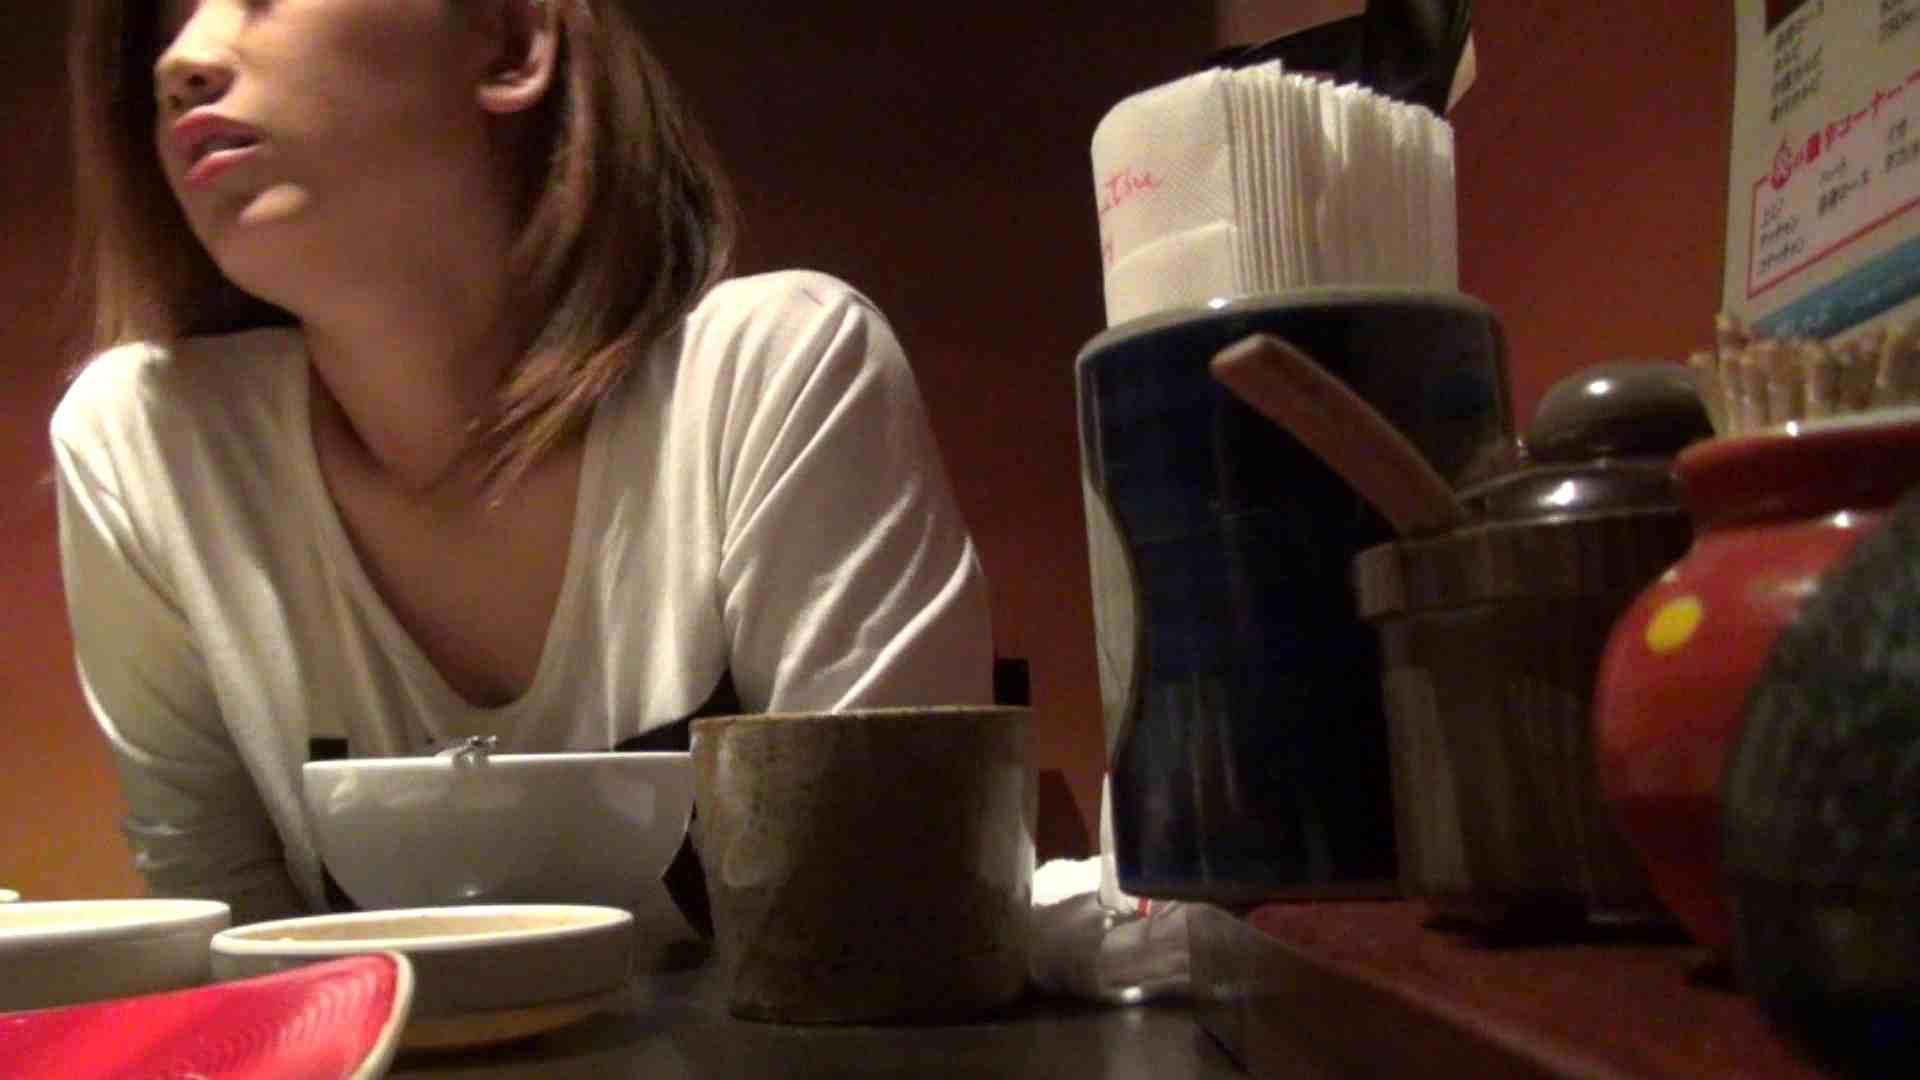 【出会い01】大助さんMちゃんと食事会 エッチすぎる友人  54連発 42